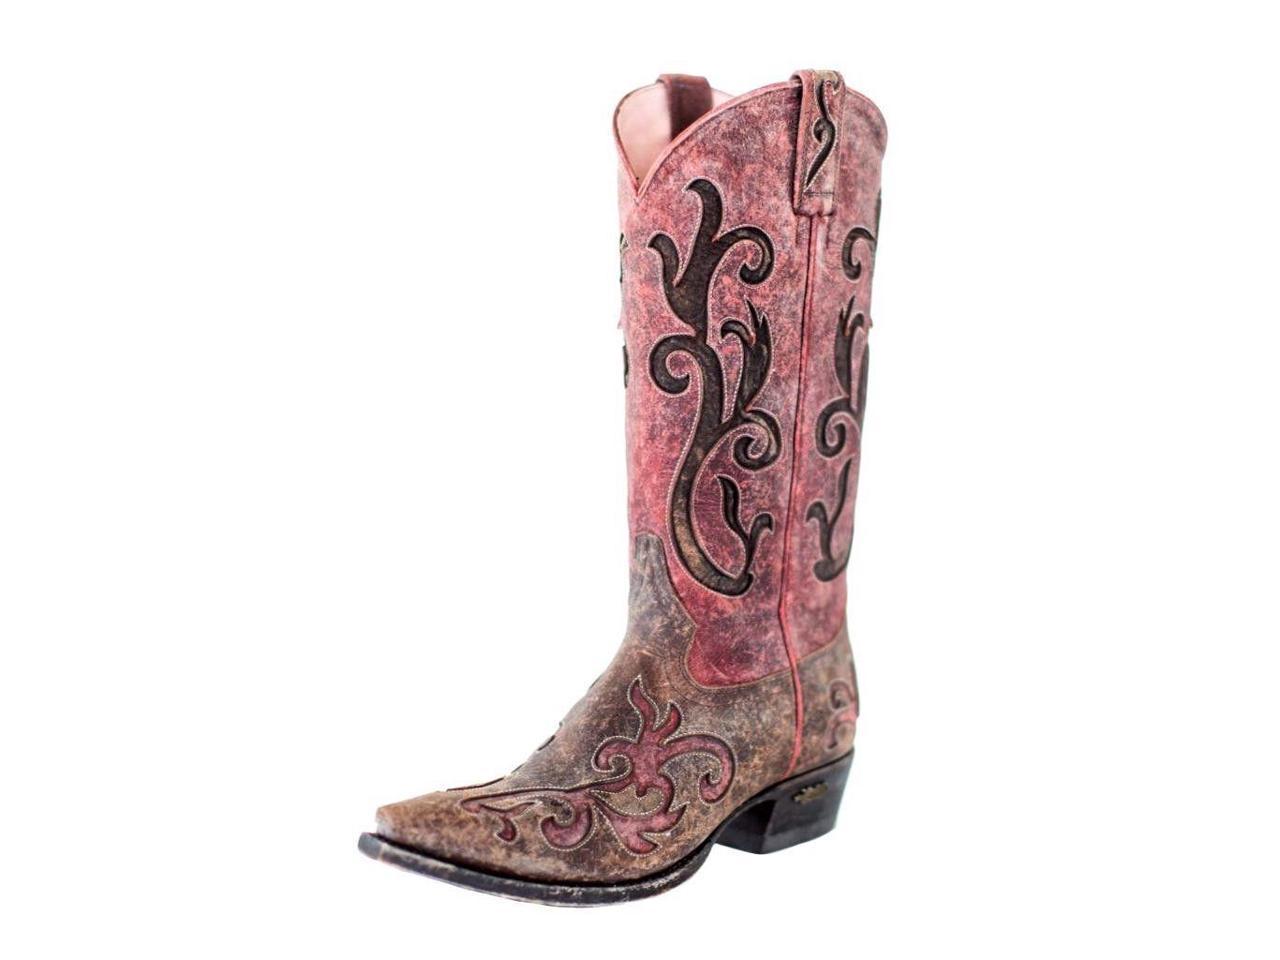 Miss Womens Macie Western Boots Womens Miss Lynita Distressed 7.5 M Brown U6002-02 8d7561